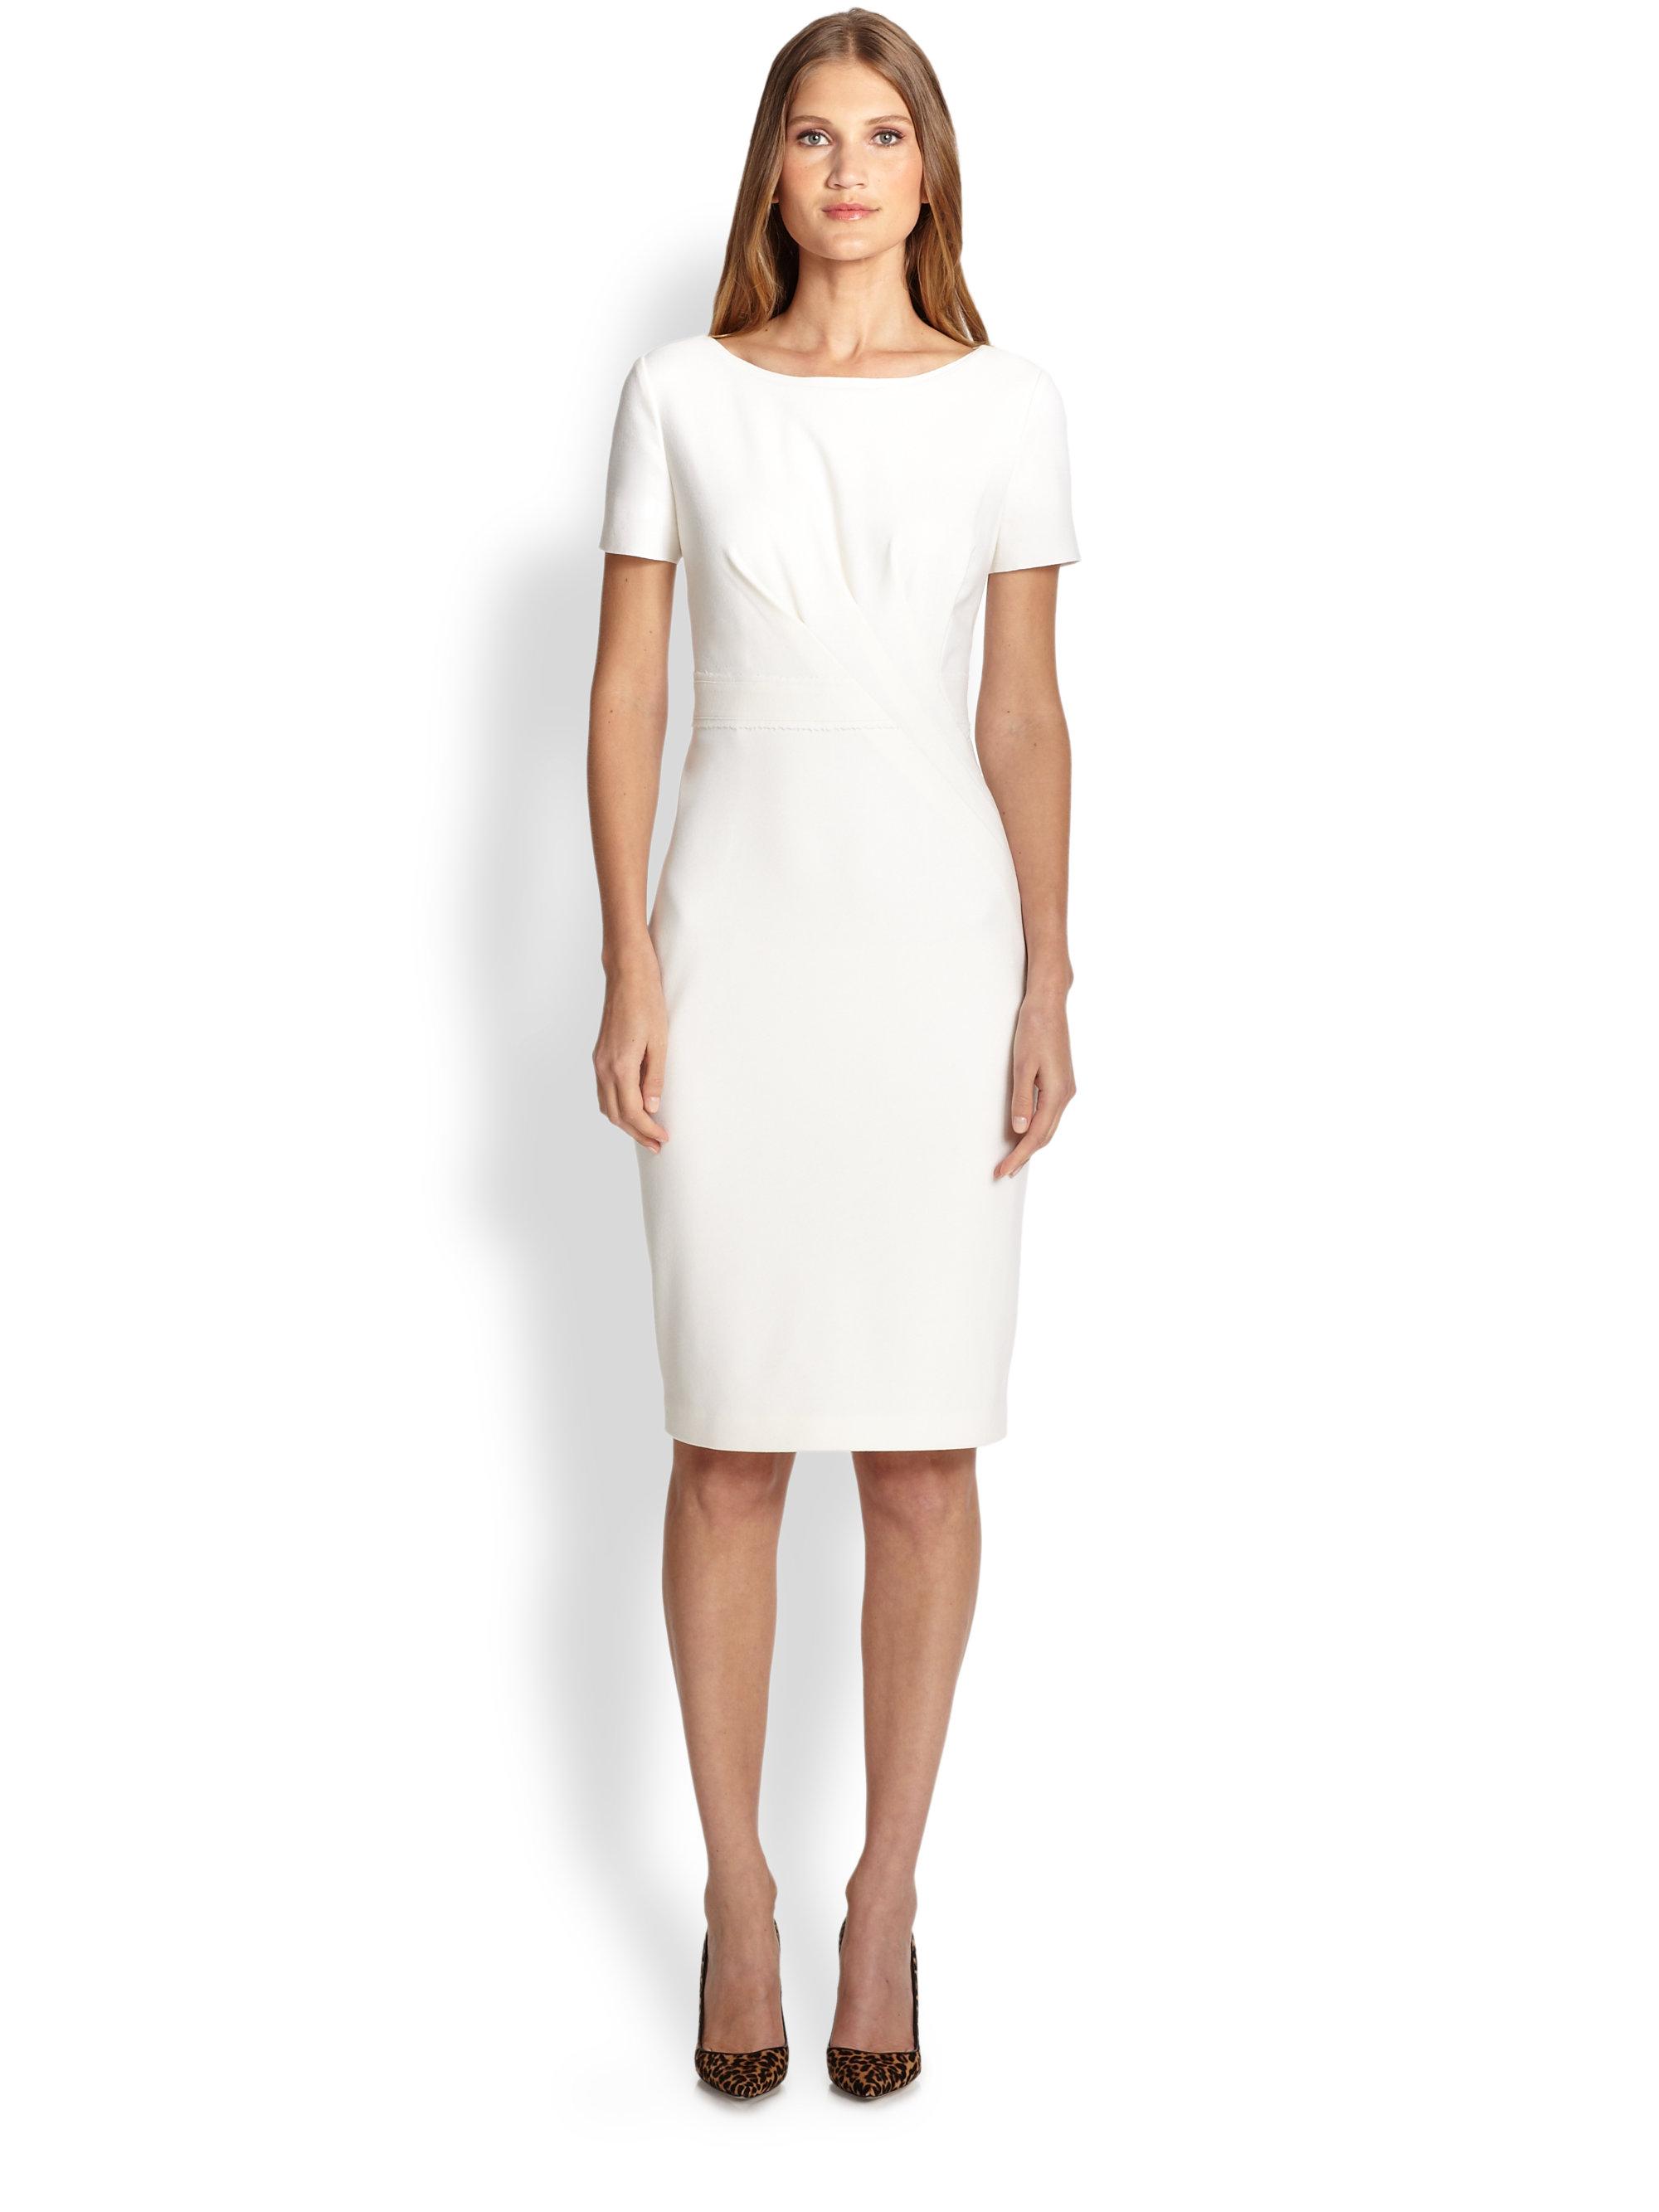 Elie tahari Kathleen Dress in White